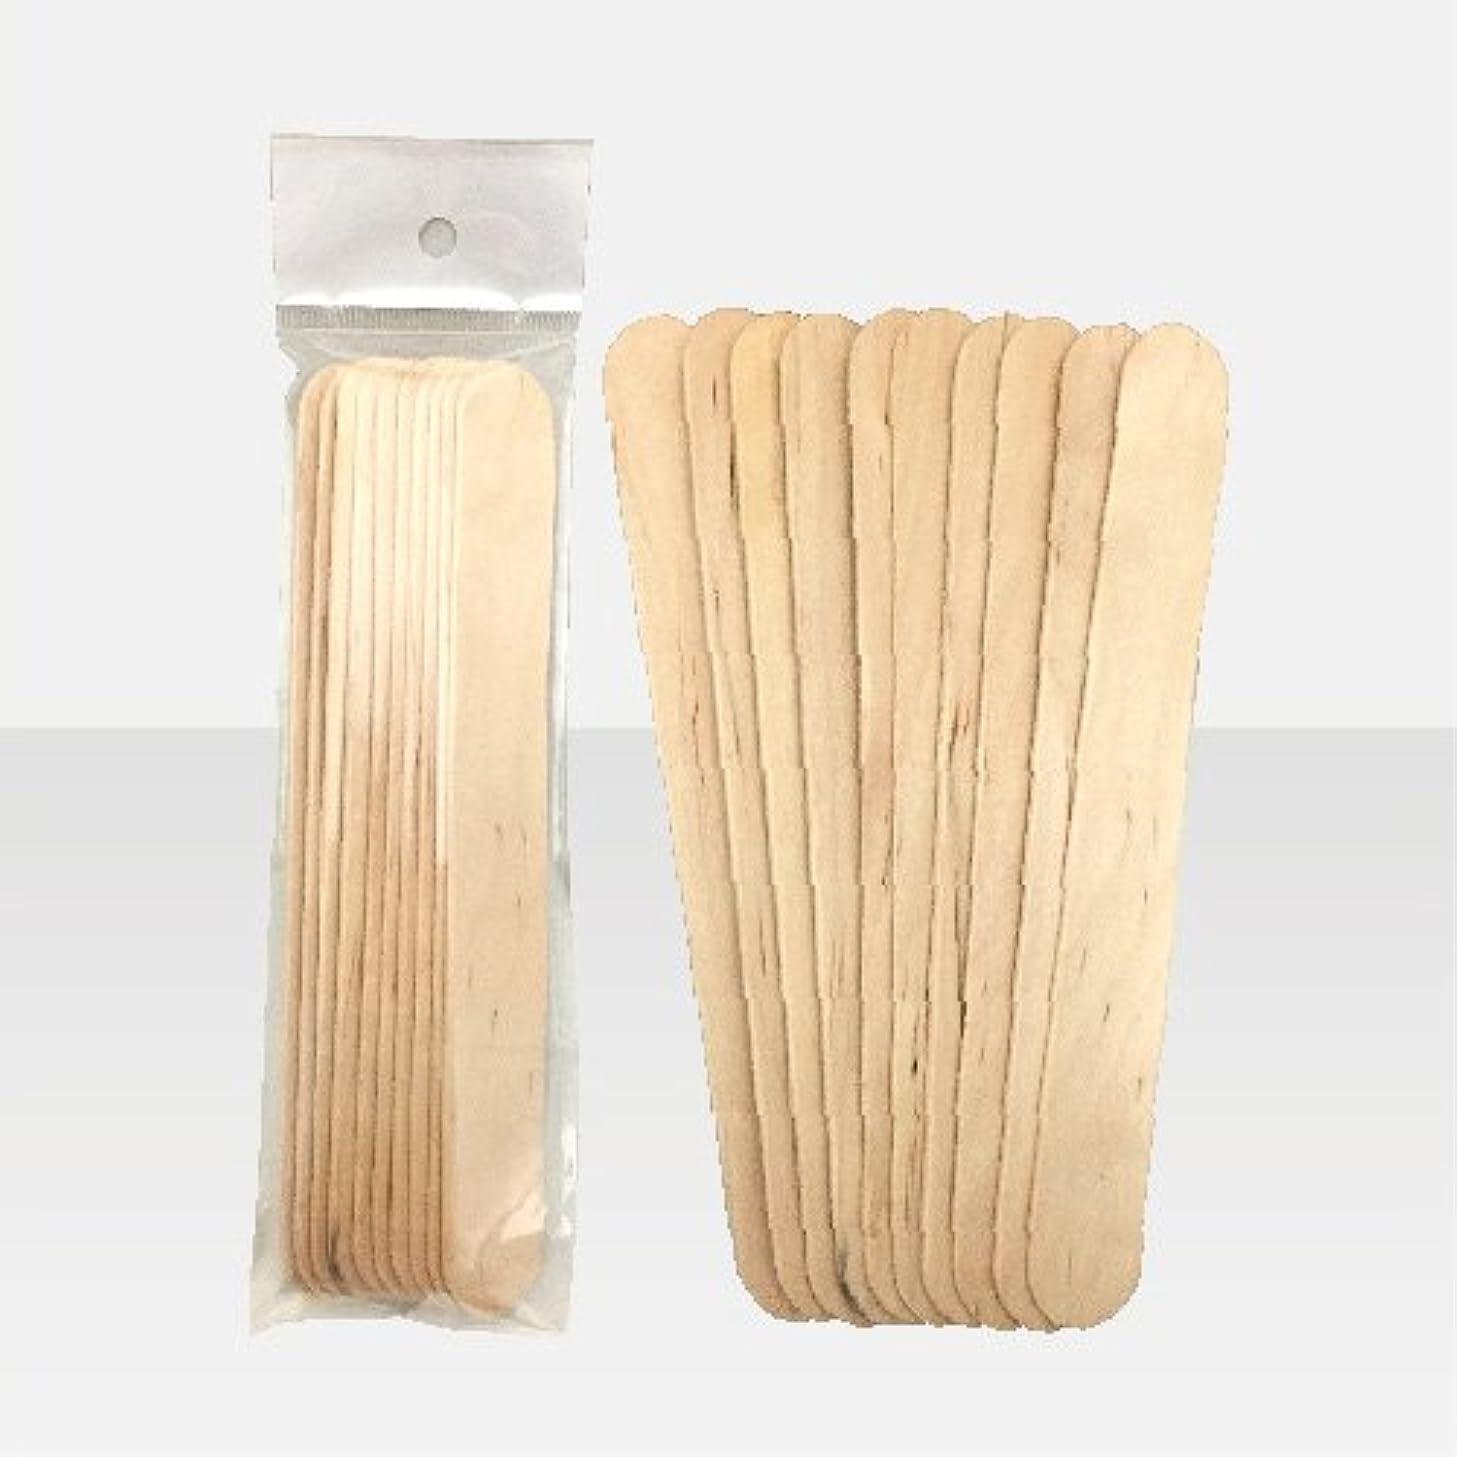 無一文賠償率直なブラジリアンワックス 脱毛ワックス用  ワックススパチュラ 木ベラ /10本セット Mサイズ